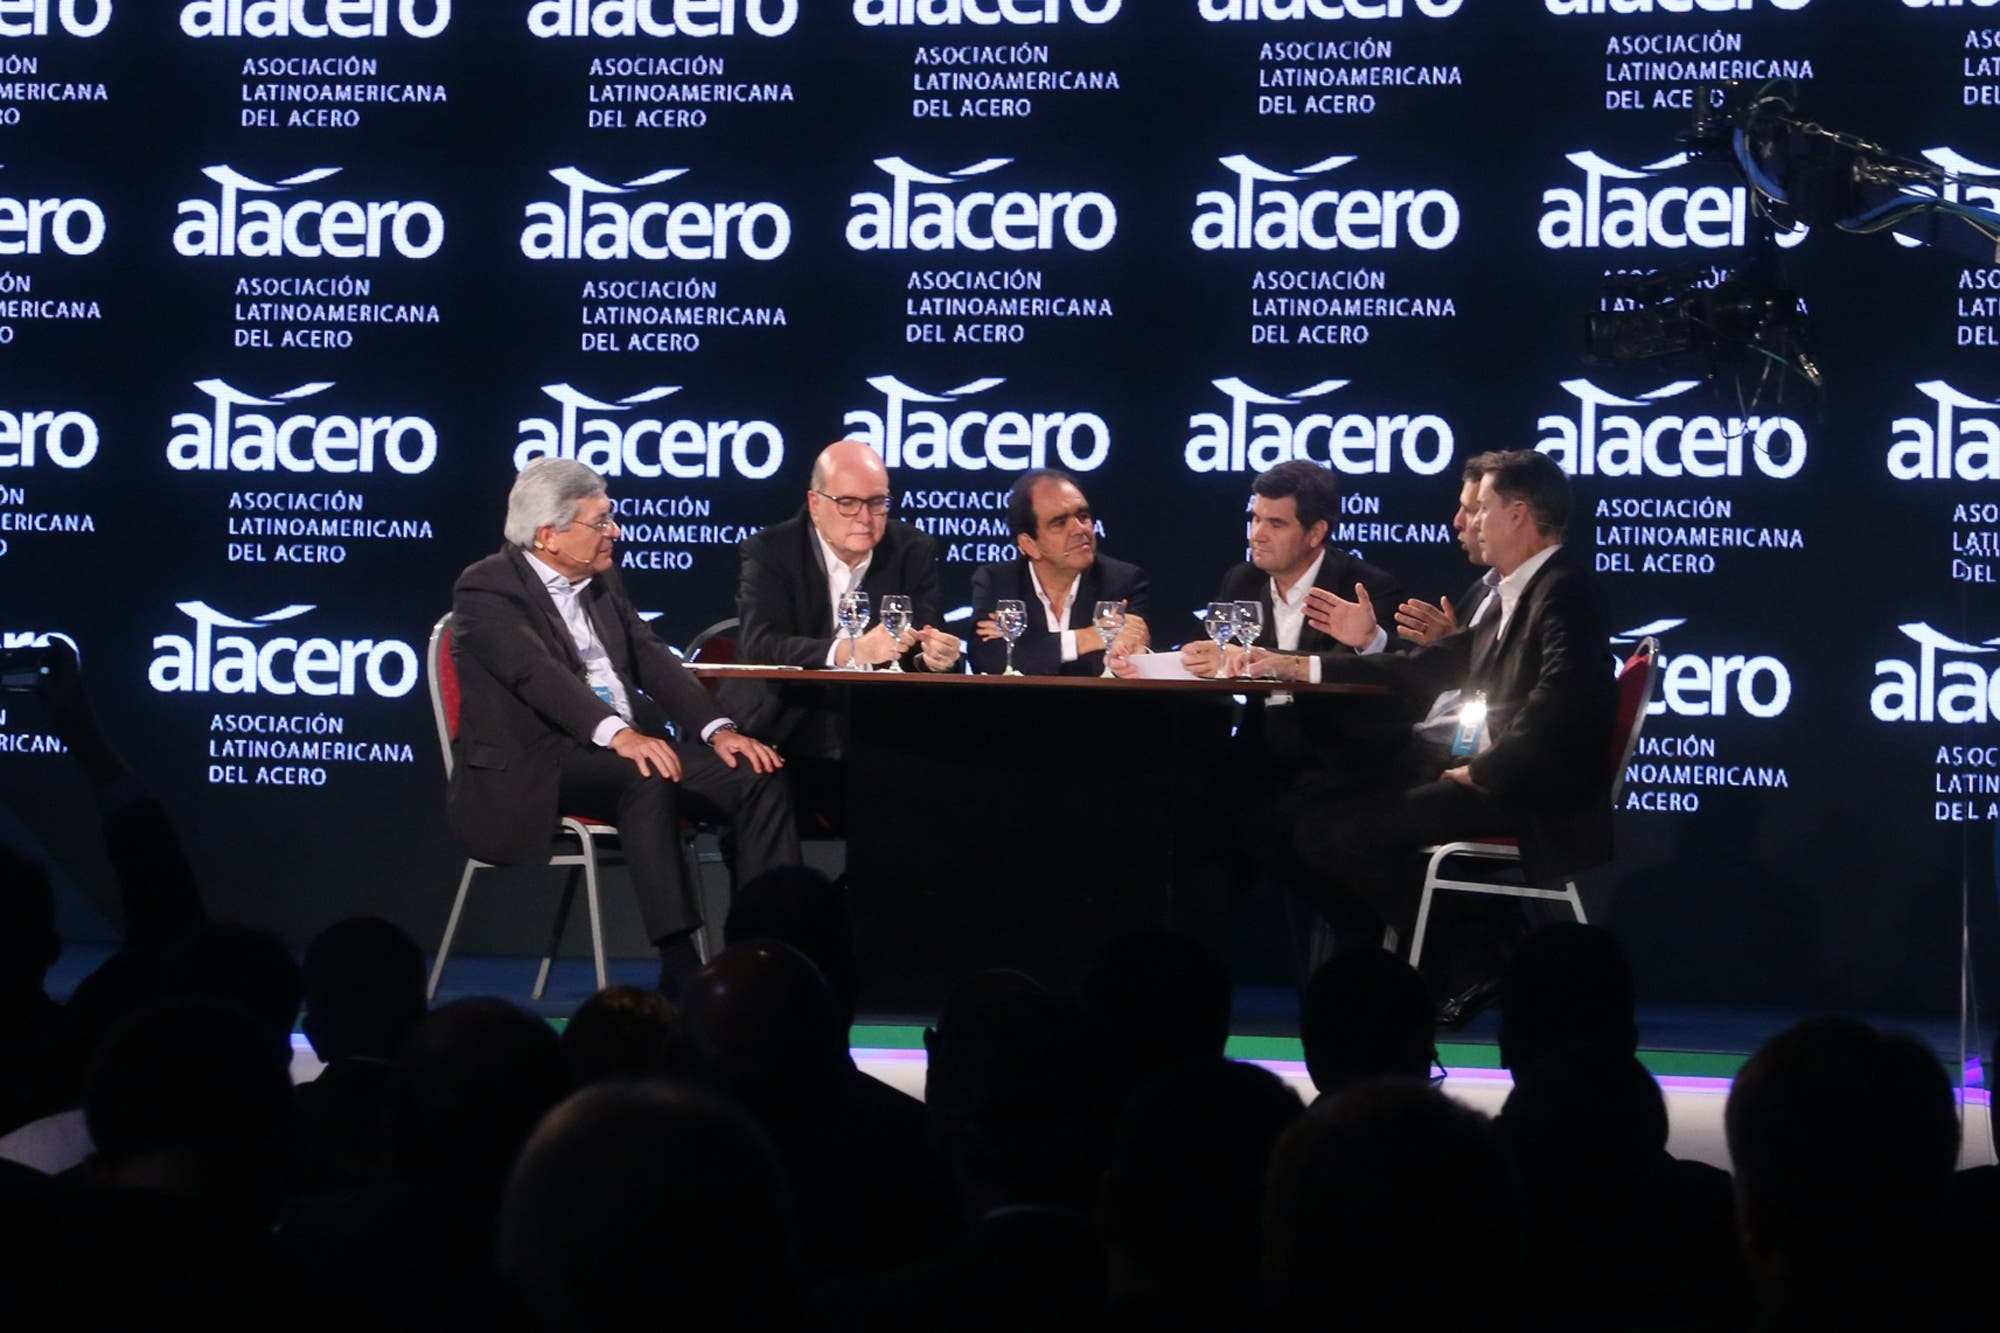 Acero. La industria siderúrgica latinoamericana define su futuro